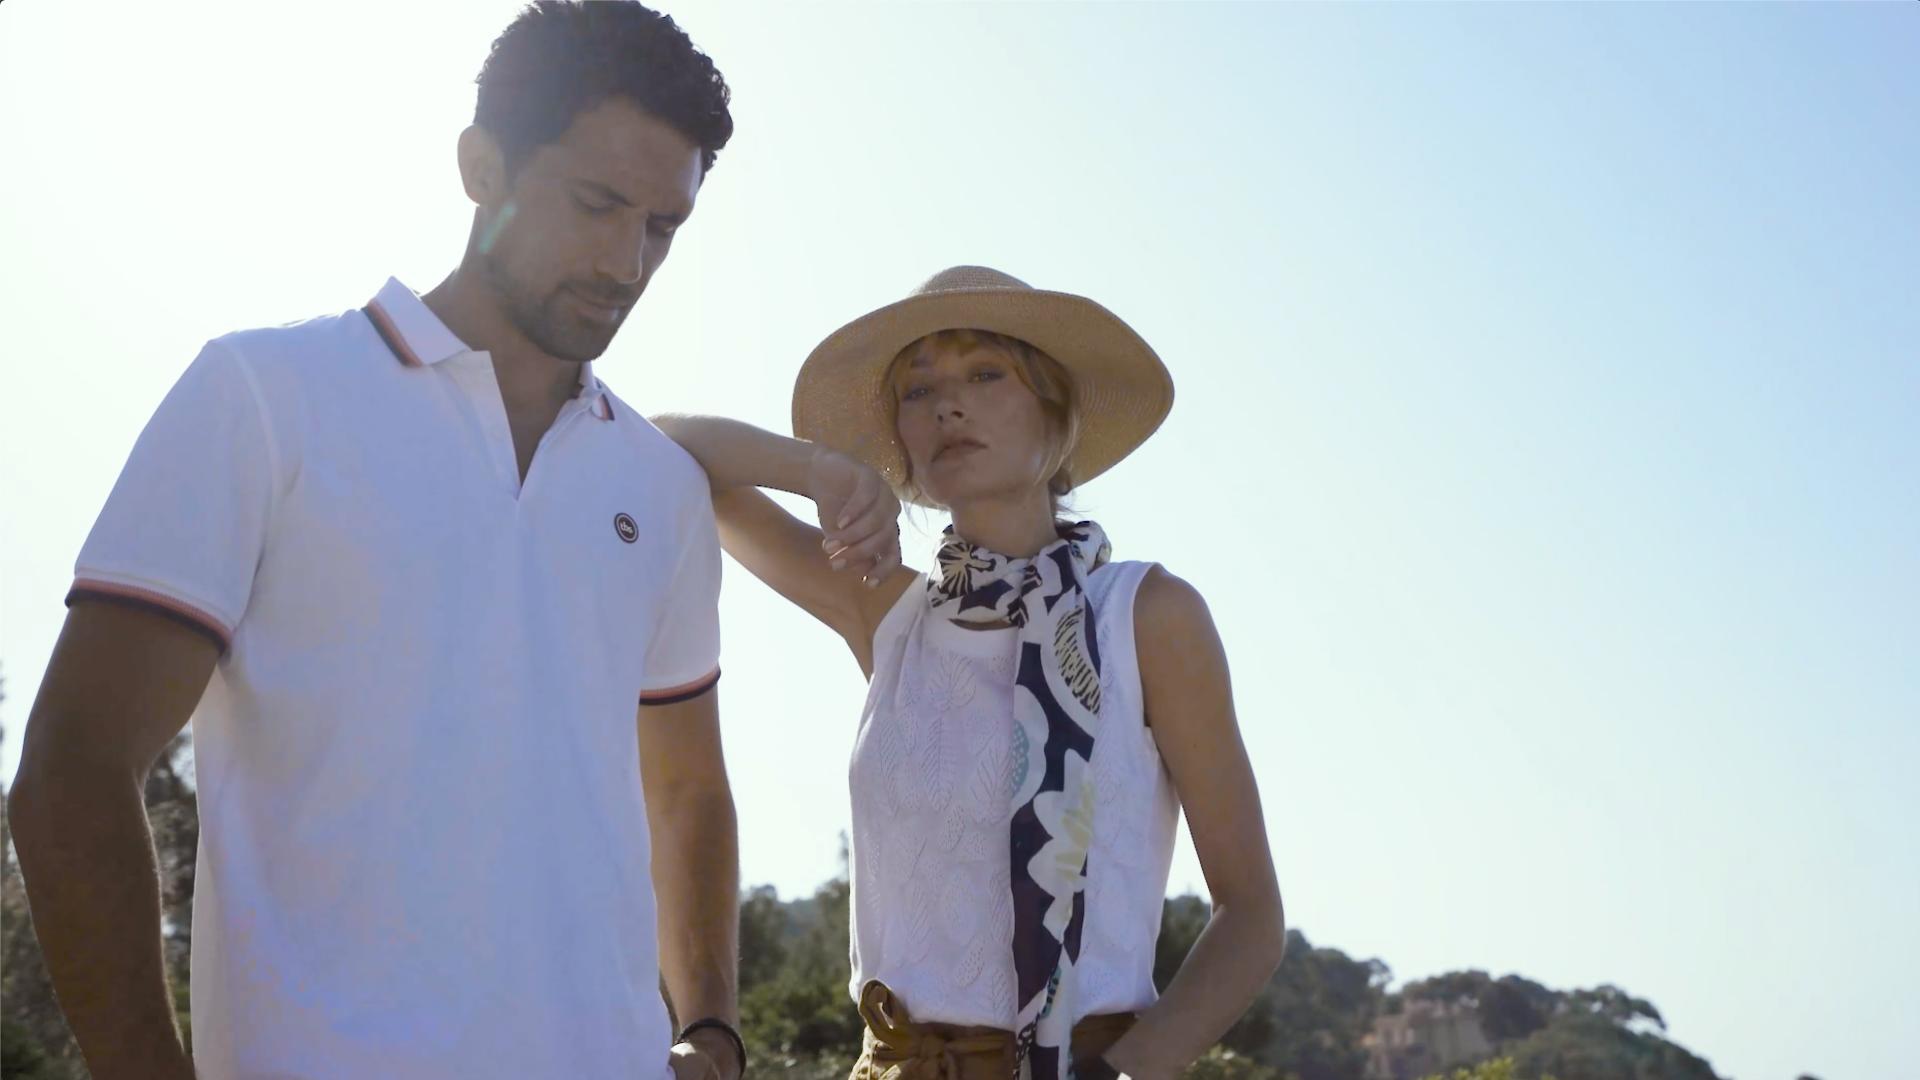 Homme et femme habillés en blanc posant au soleil